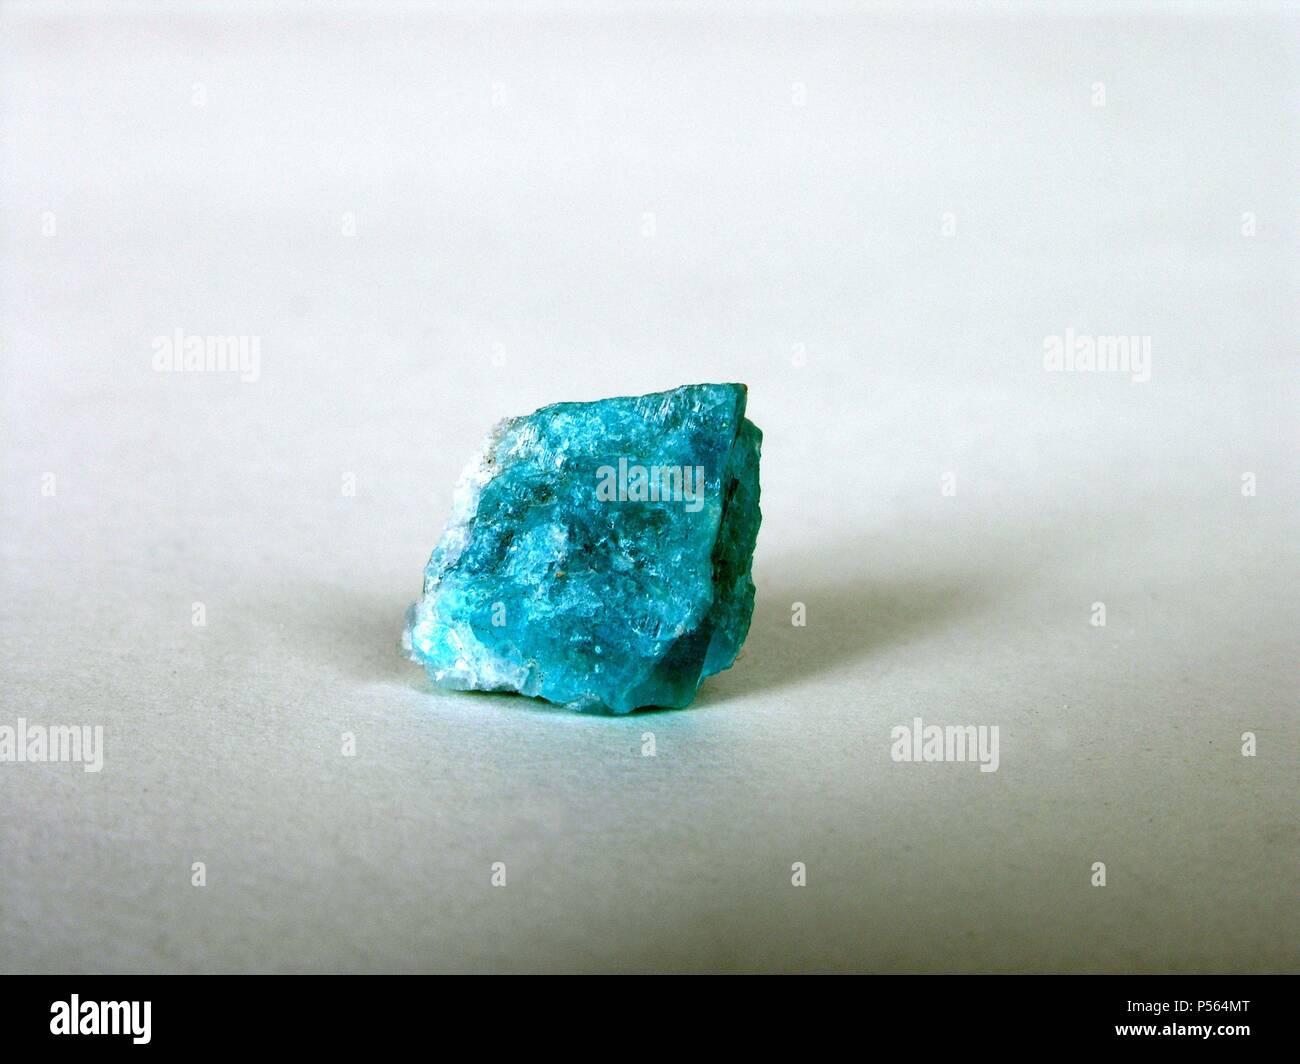 AZURITA. Carbonato básico de cobre de bello color azul, cristalizado en el sistema monoclínico. Se encuentra en los yacimientos cupríferos. Puede utilizarse como colorante. Foto de stock